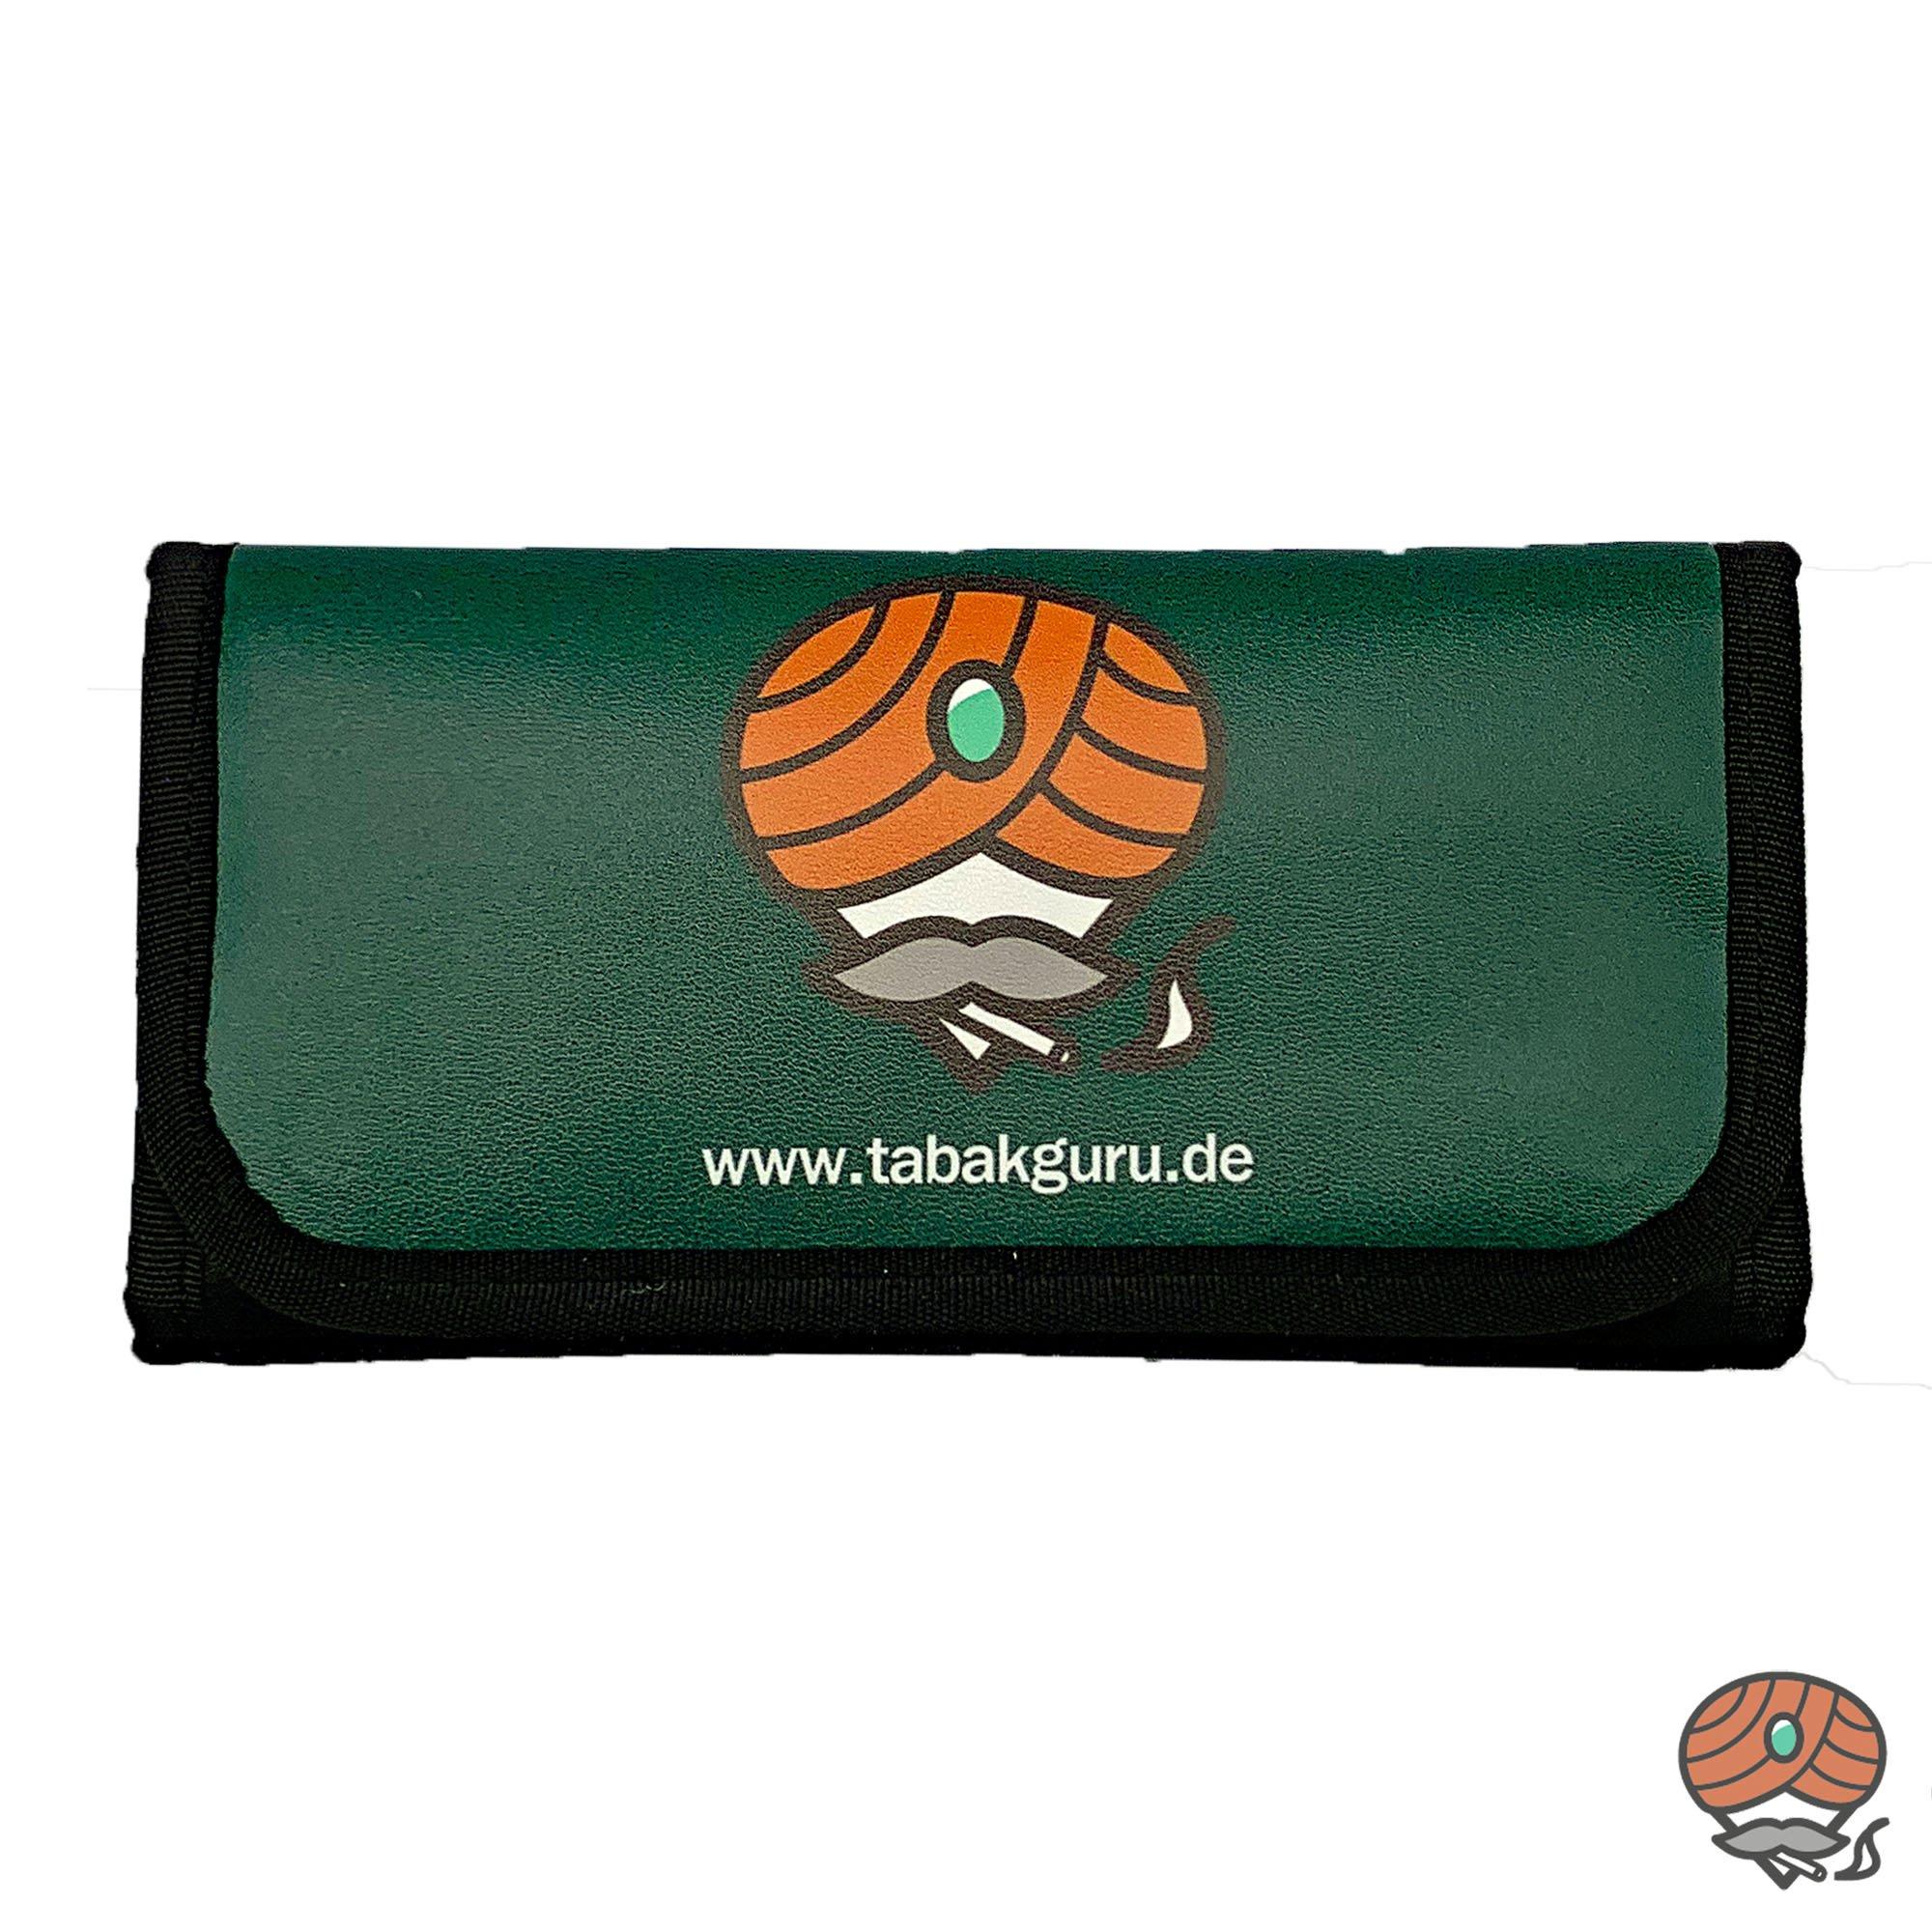 Tabakguru Tabak Beutel / Tasche für Drehtabak und Zubehör Dunkelrgün / Schwarz